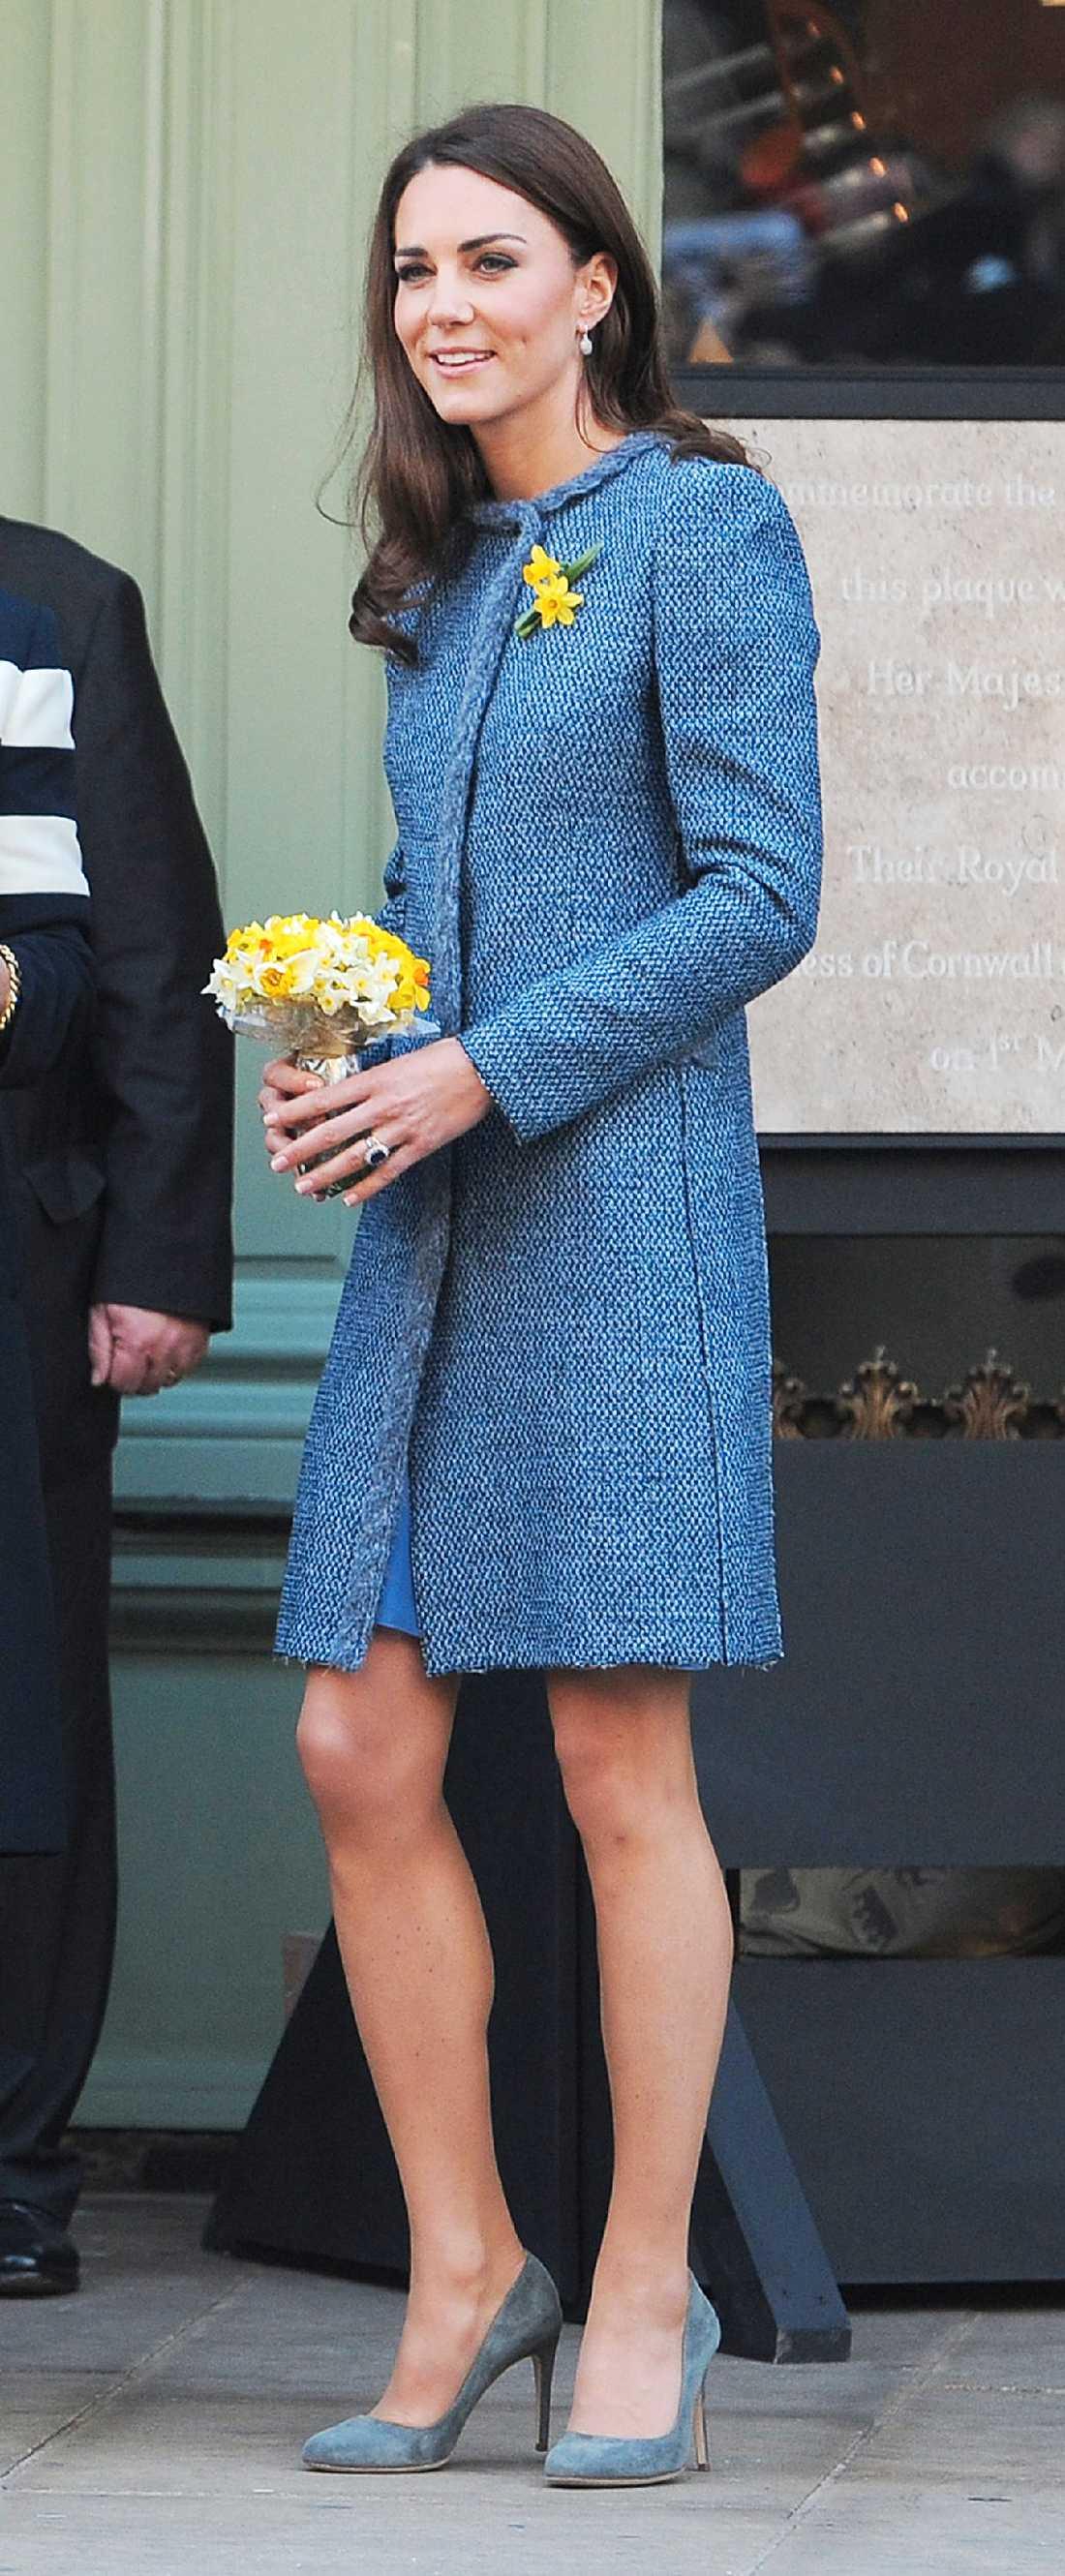 Kate Middleton i söt kappa från Missoni pch pumps från Rubert Sanderson.